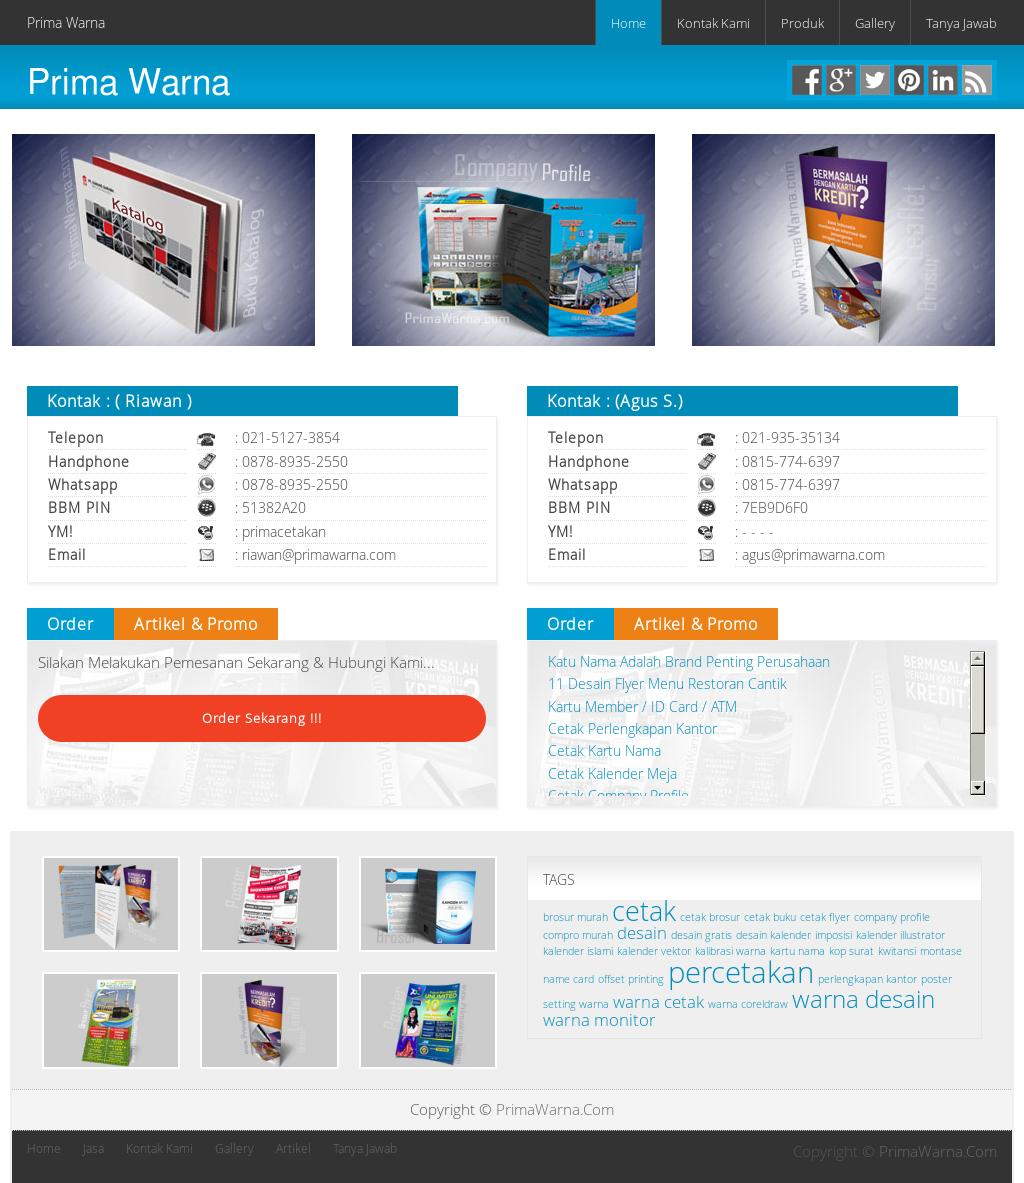 Desain Kop Surat Online Gratis